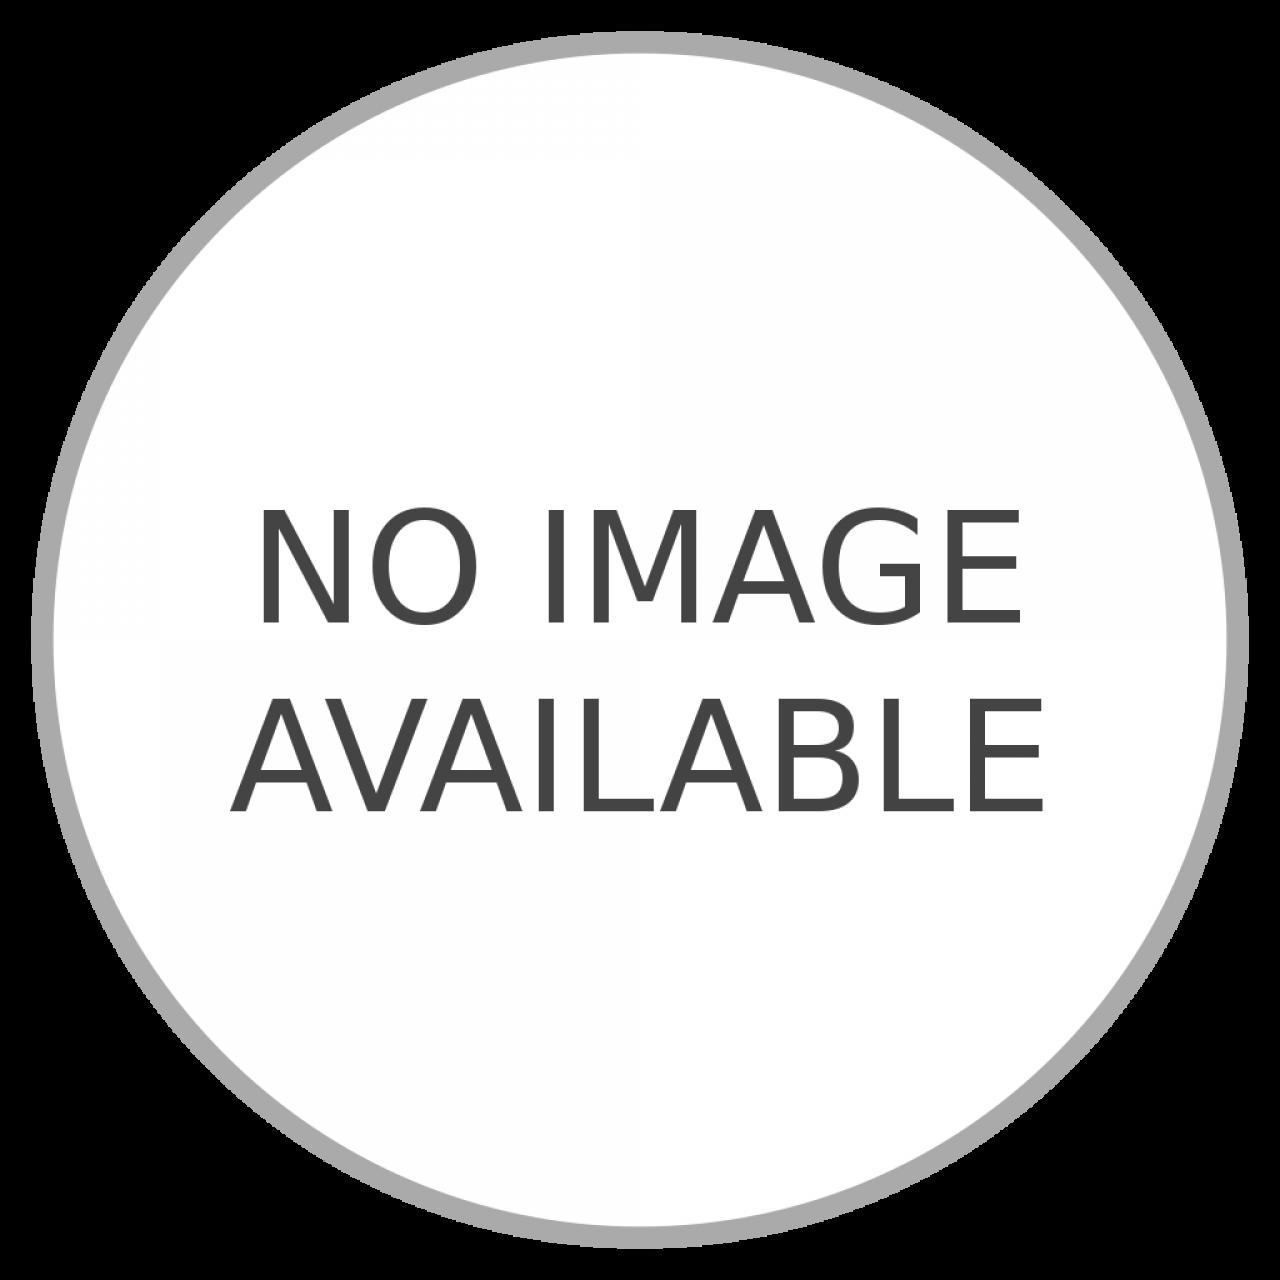 Μονόχρωμο Ανδρικό Παπιγιόν Ασημί Γκρι - 4537